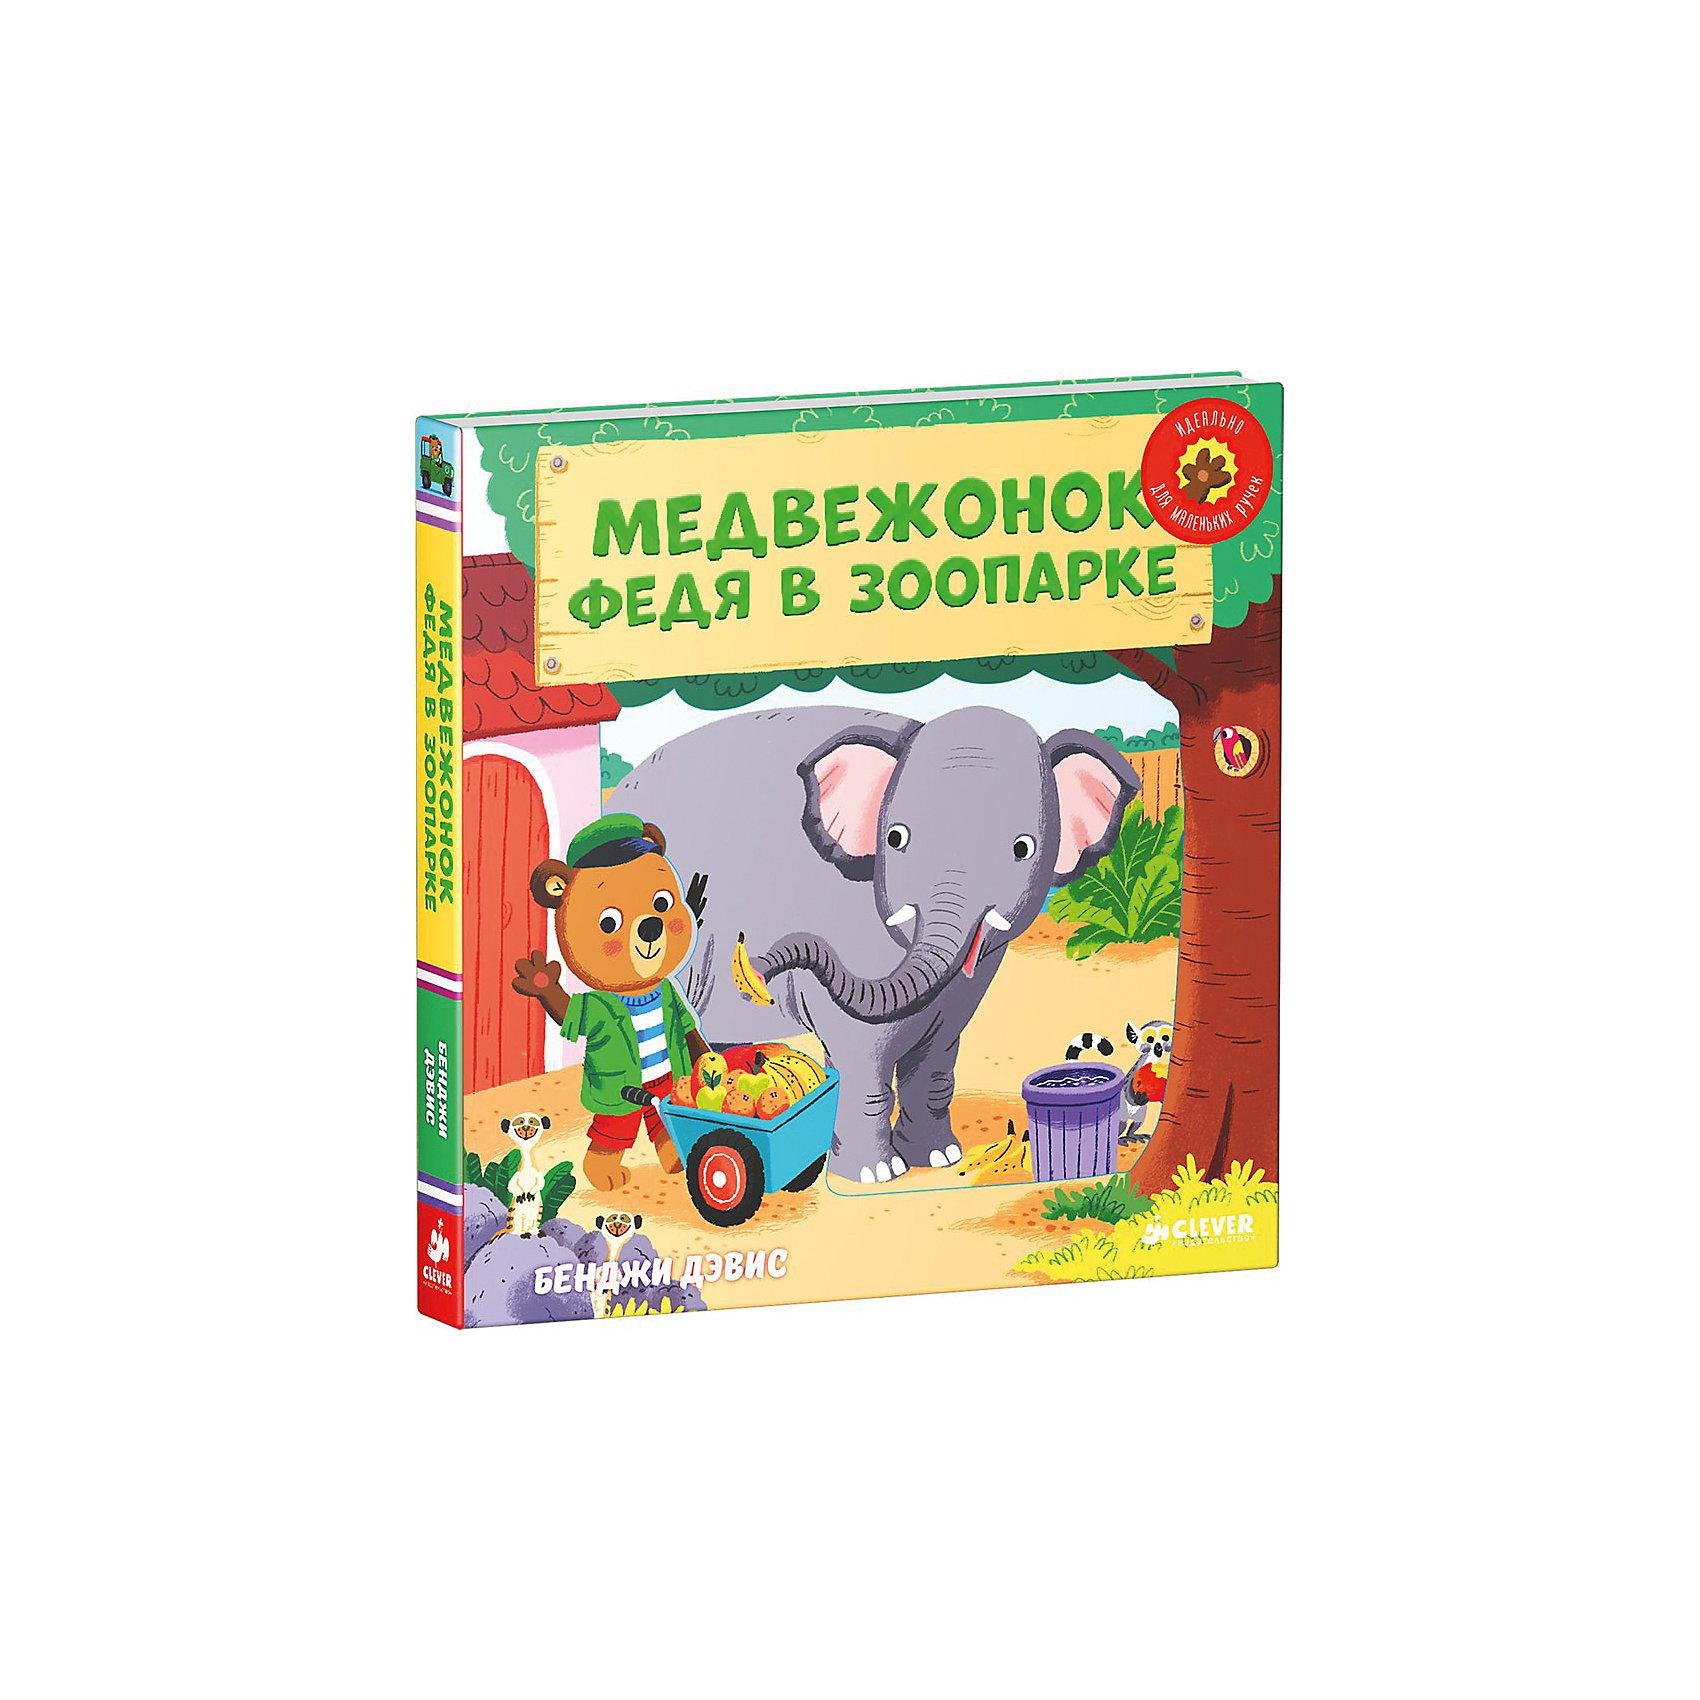 Книга Медвежонок Федя в зоопаркеКнига Медвежонок Федя в зоопарке - это книжка-игрушка с движущимися элементами для малышей от 1 года до 3 лет.<br>Книга Медвежонок Федя в зоопарке – это увлекательная книга о медвежонке Феде, который идет в зоопарк, но не развлекаться, а работать! Федя накормит всех зверей, почистит щёткой крокодила и устроит для малышей мини-сафари. Читайте веселые стихи и выполняйте задания. Рассказывайте ребенку о том, как ухаживают за животными, об их особенностях, чем питаются, в каких странах обитают и о том, как правильно вести себя в зоопарке. Обсудите, за каким животным хотел бы ухаживать ваш малыш и почему. У книги удобный формат и плотные картонные страницы с движущимися элементами.<br><br>Дополнительная информация:<br><br>- Автор: Дэвис Бенджи<br>- Переводчик: Фокина Юлия<br>- Издательство: Клевер Медиа Групп, 2016 г.<br>- Серия: Тяни, толкай, крути, читай<br>- Тип обложки: картонная обложка<br>- Оформление: вырубка, с подвижными элементами<br>- Иллюстрации: цветные<br>- Количество страниц: 8 (картон)<br>- Размер: 180x180x18 мм.<br>- Вес: 376 гр.<br><br>Книгу Медвежонок Федя в зоопарке можно купить в нашем интернет-магазине.<br><br>Ширина мм: 180<br>Глубина мм: 180<br>Высота мм: 15<br>Вес г: 285<br>Возраст от месяцев: 12<br>Возраст до месяцев: 36<br>Пол: Унисекс<br>Возраст: Детский<br>SKU: 4621989